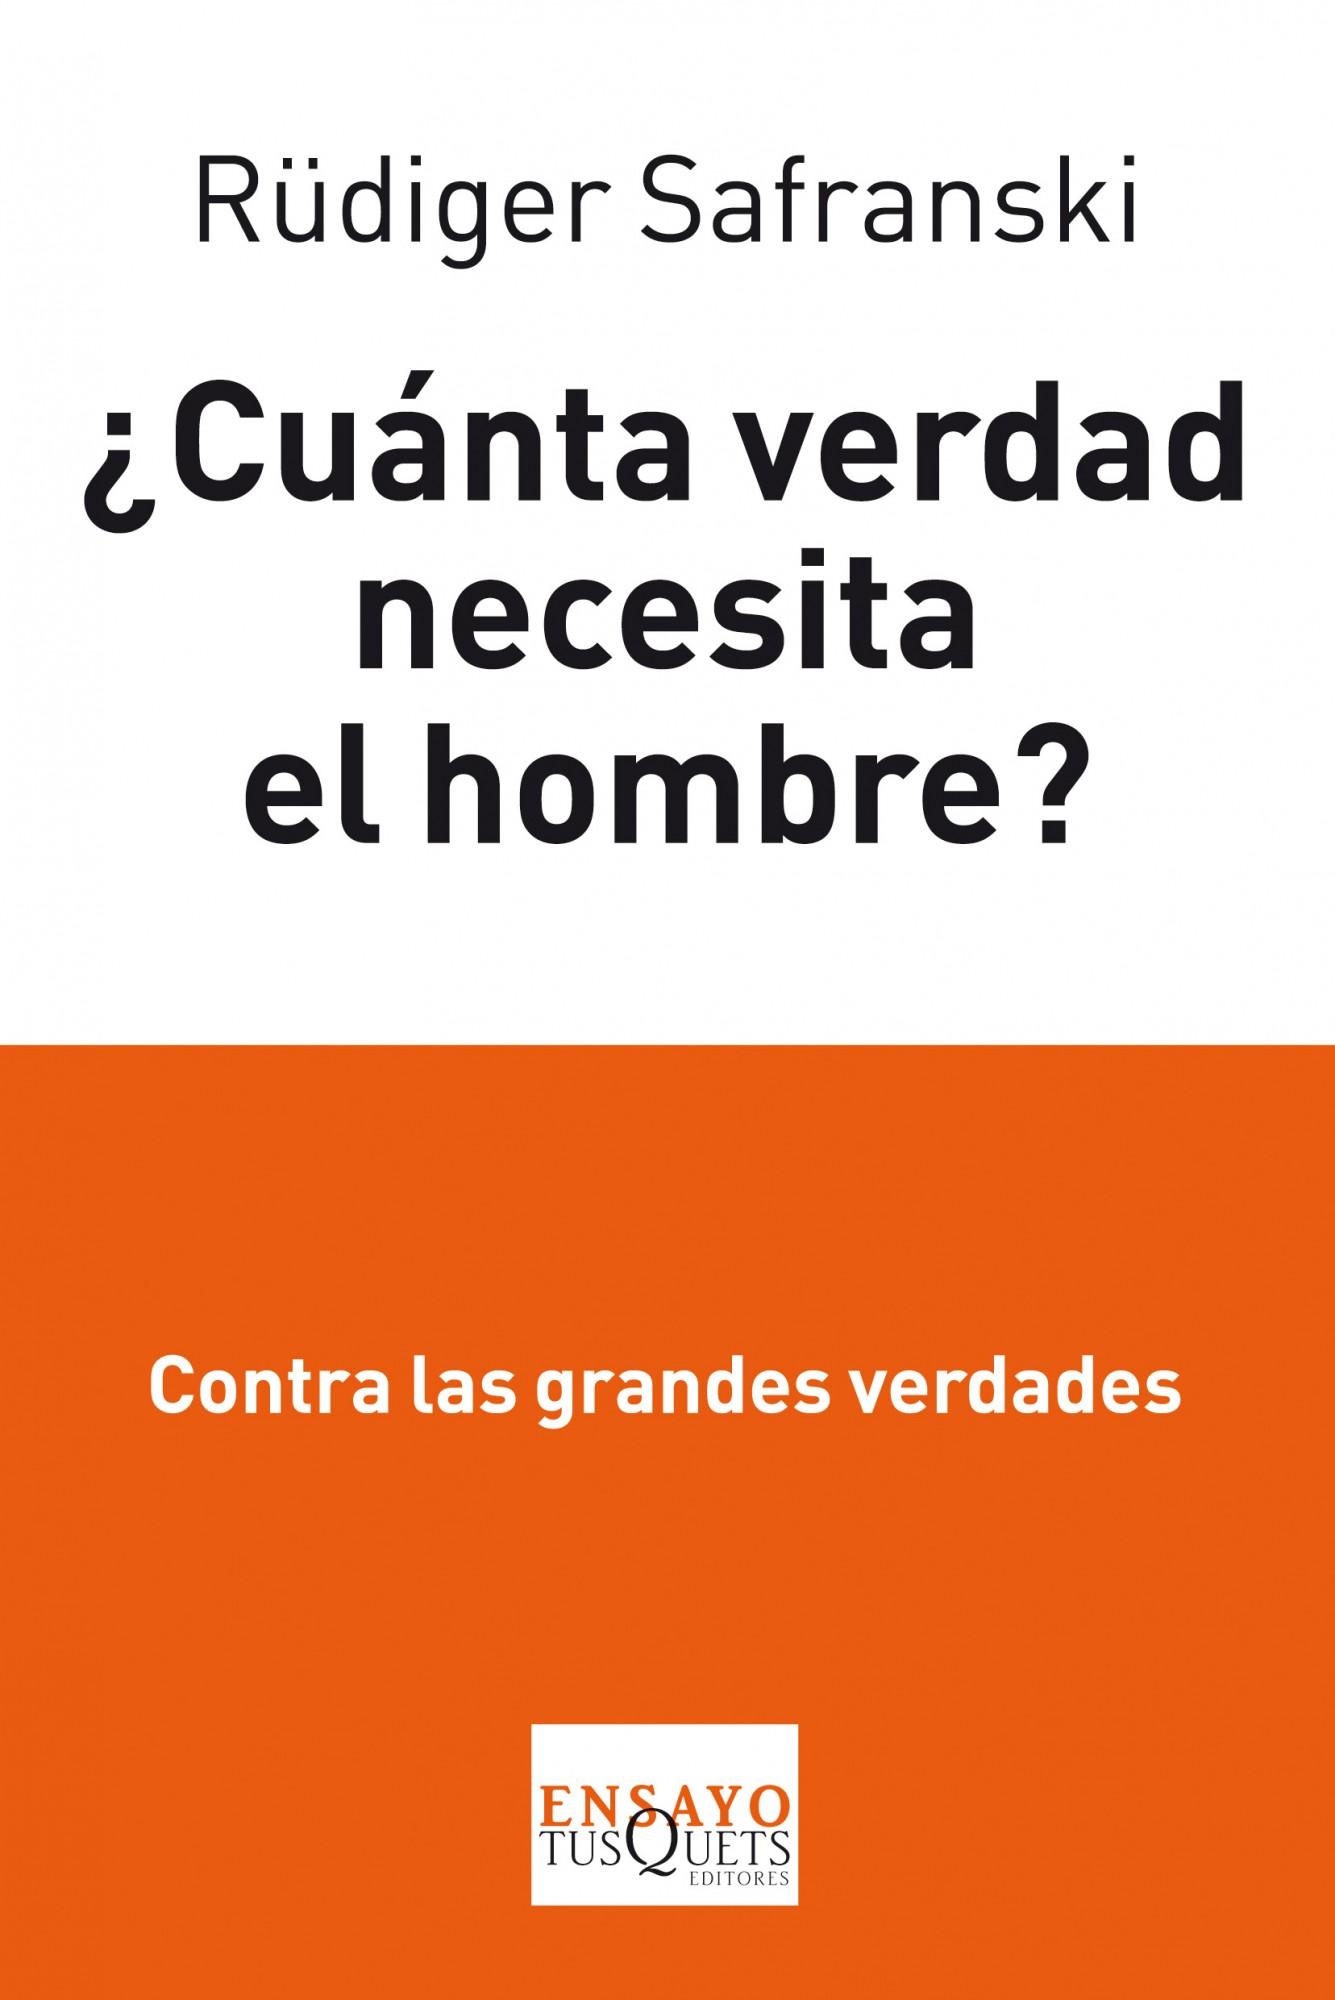 Descargar ¿CUANTA VERDAD NECESITA EL HOMBRE?